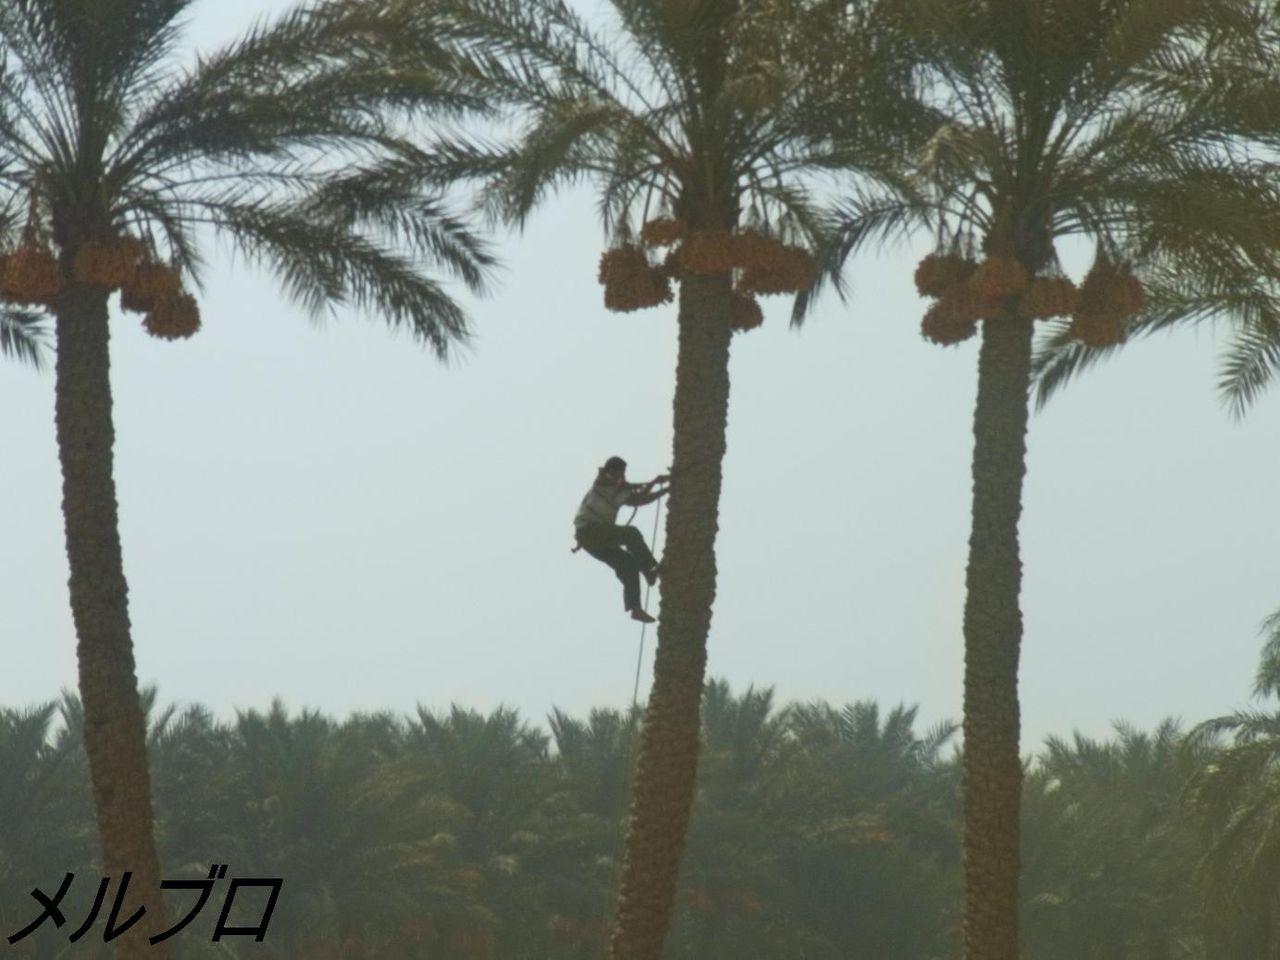 ナツメヤシの木に登る人